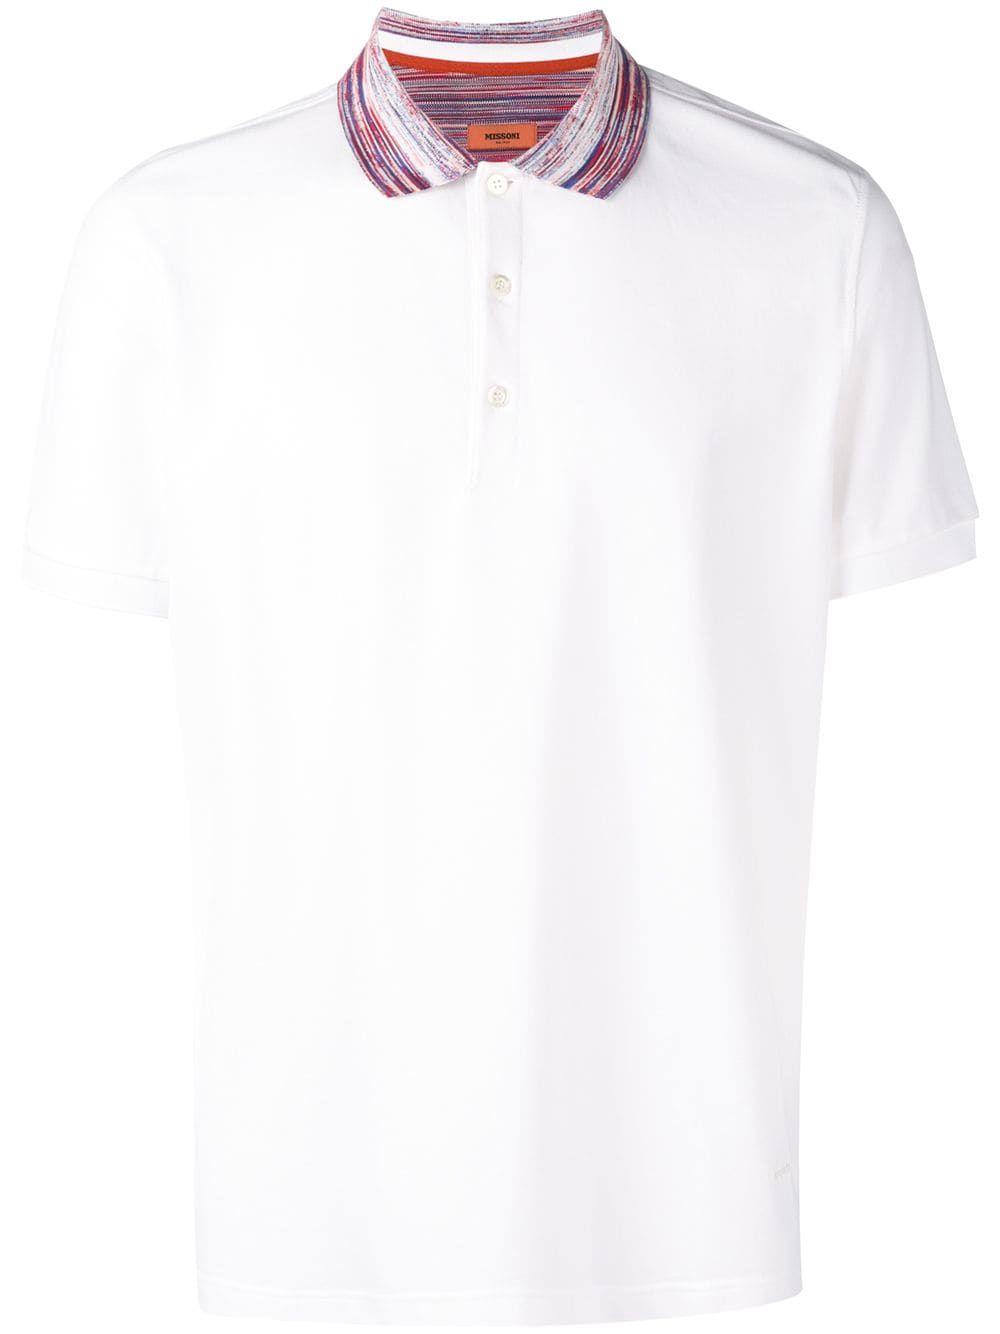 13c5f11b6f9d1 MISSONI MISSONI SHORT SLEEVED POLO SHIRT - WHITE. #missoni #cloth ...